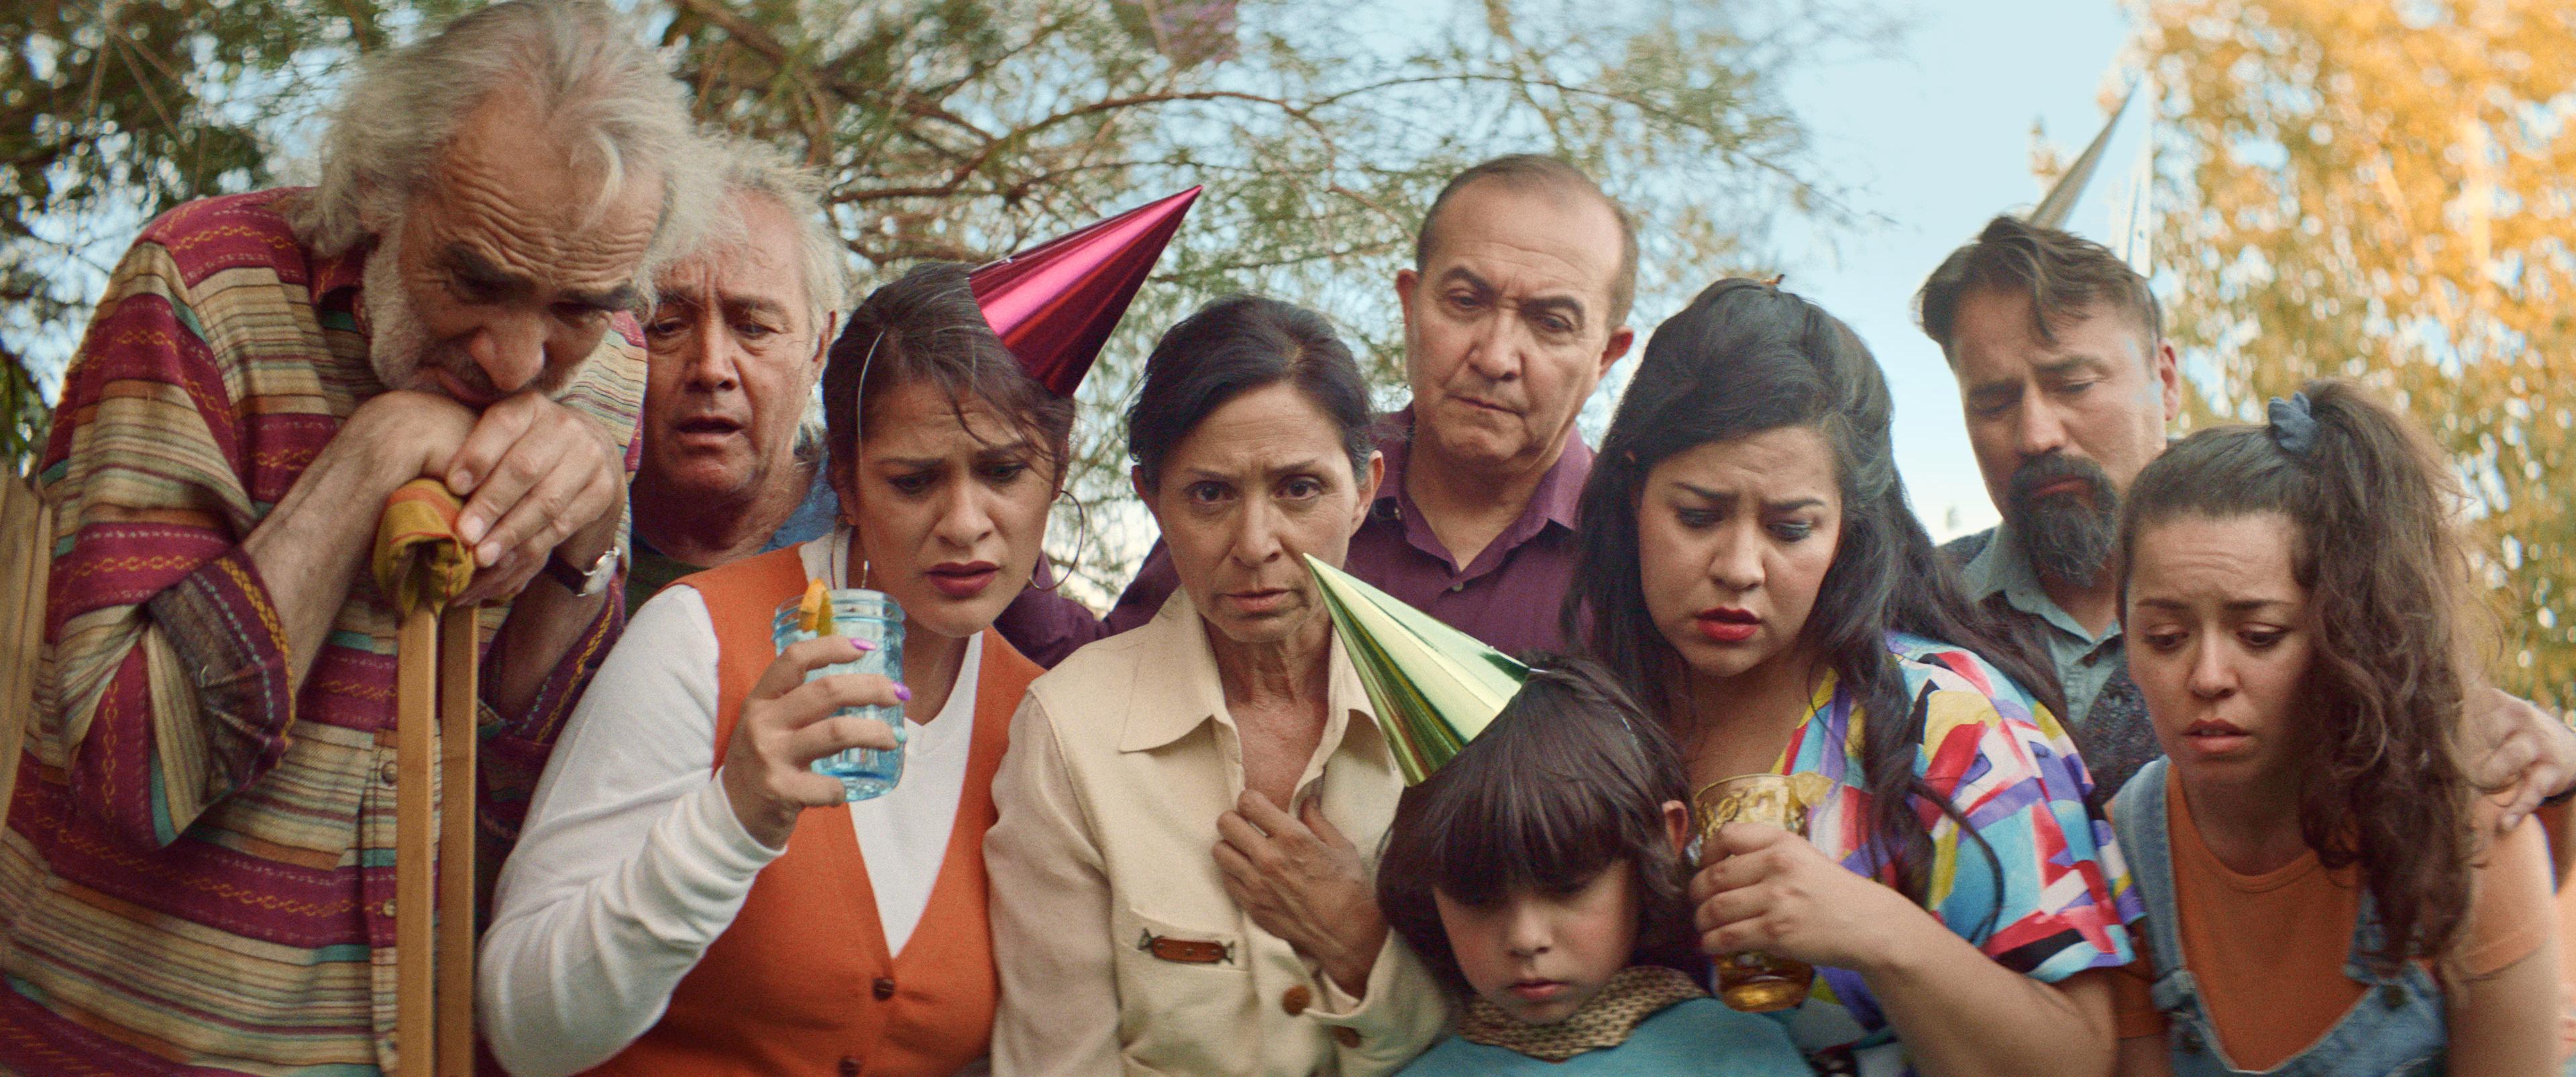 Nmsu Graduation 2020.Nmsu Graduate Produces Award Winning Film Las Cruces Bulletin